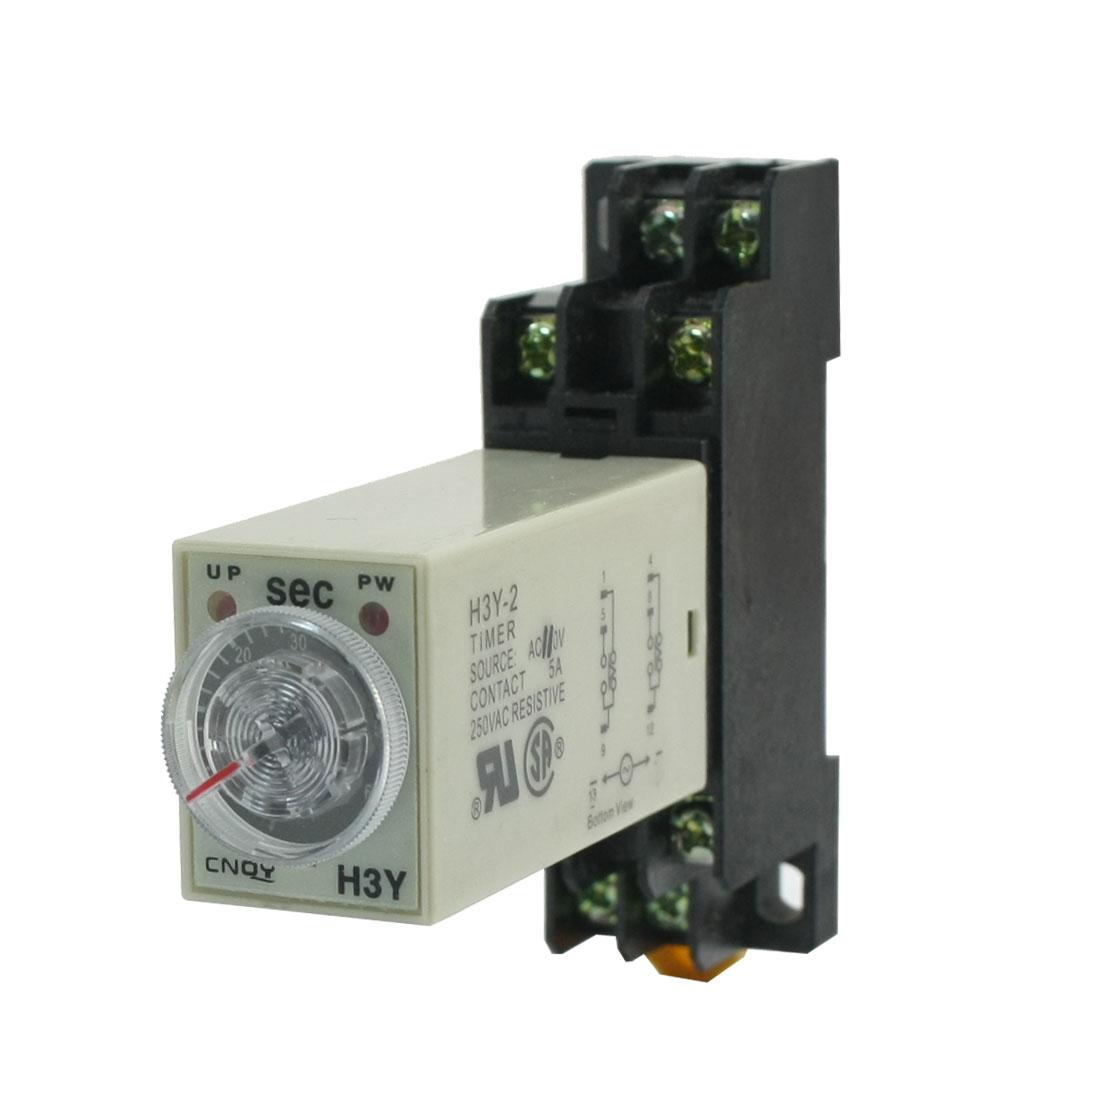 Adjustable Delay Time AC 110V DPDT 0-60 Sec 8-Pin Timer Relay H3Y-2